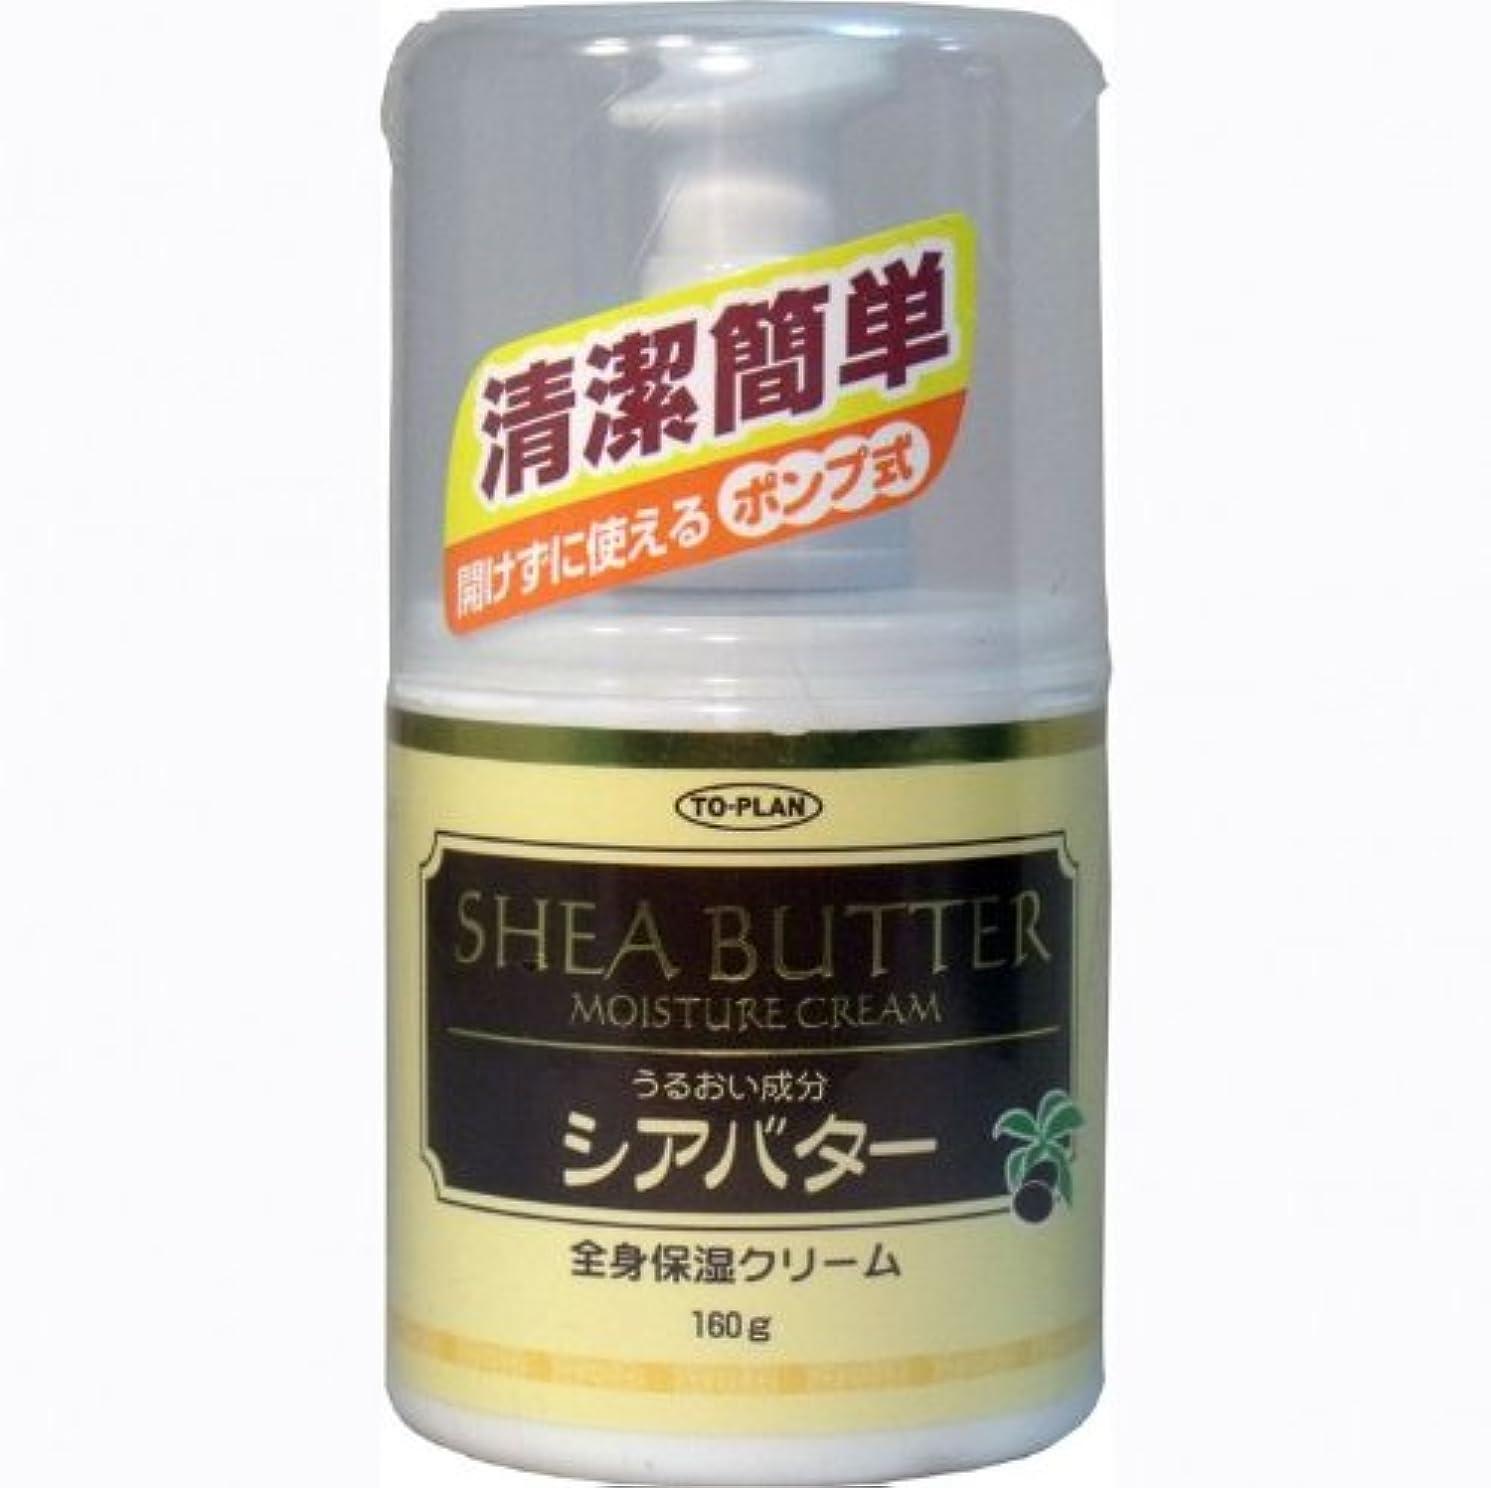 クリスチャン不毛コアトプラン 全身保湿クリーム シアバター ポンプ式 160g【3個セット】